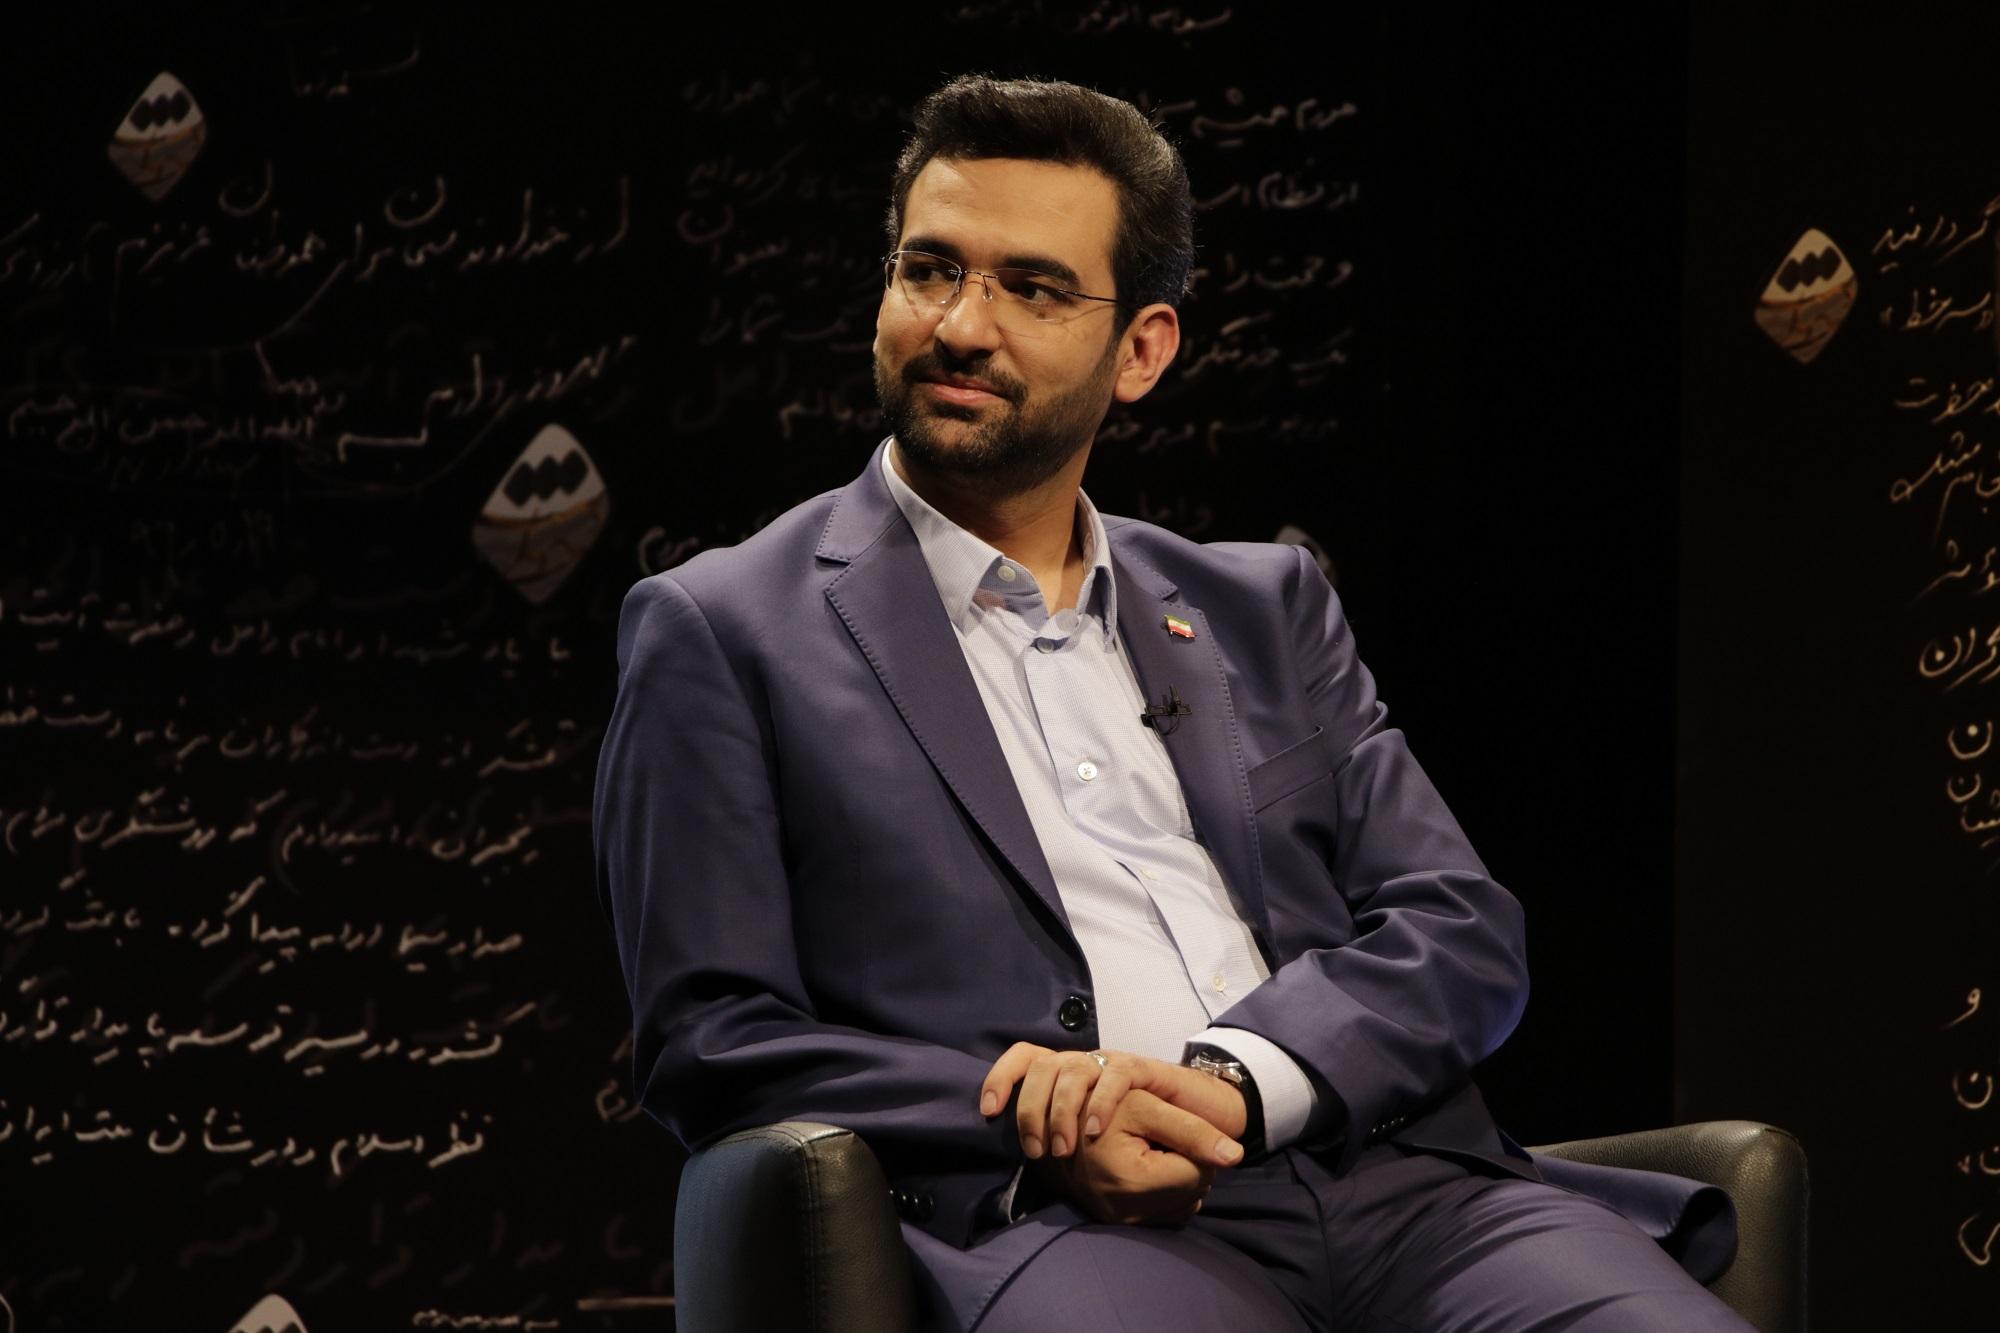 در تهران با دوروف دیدار داشتم؛ این چیز پنهانی نیست/ هیچگاه استعفا ندادم/ در طرح رجیستری، از ناجا و گمرک انتظار بیشتری برای همکاری داریم